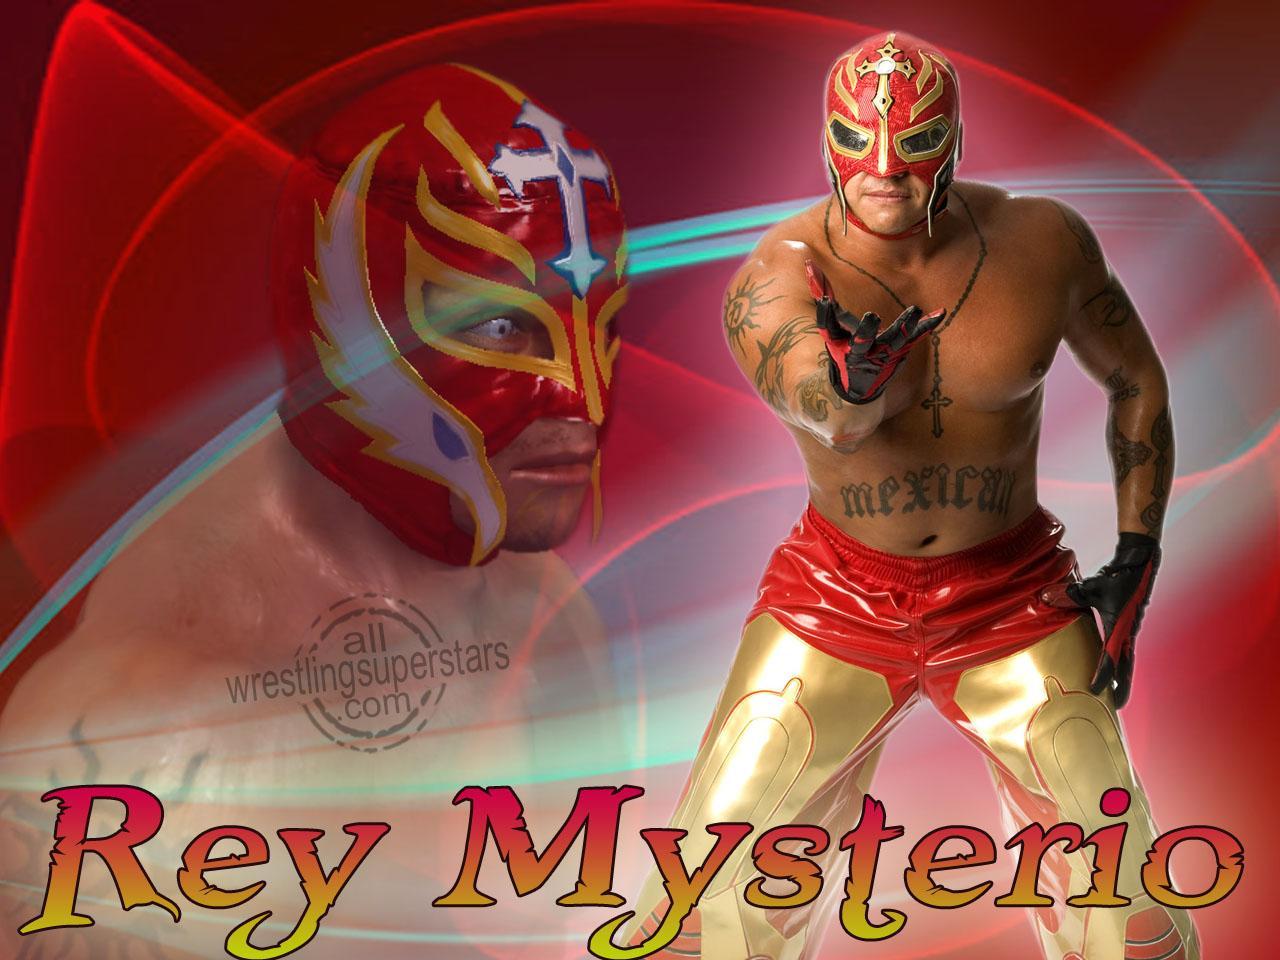 http://1.bp.blogspot.com/-pJQ7a0iPQJE/T67AOtMROtI/AAAAAAAAA9Q/DJSQ51t8TrU/s1600/Rey+Mysterio+Wallpapers+%252831%2529.jpg